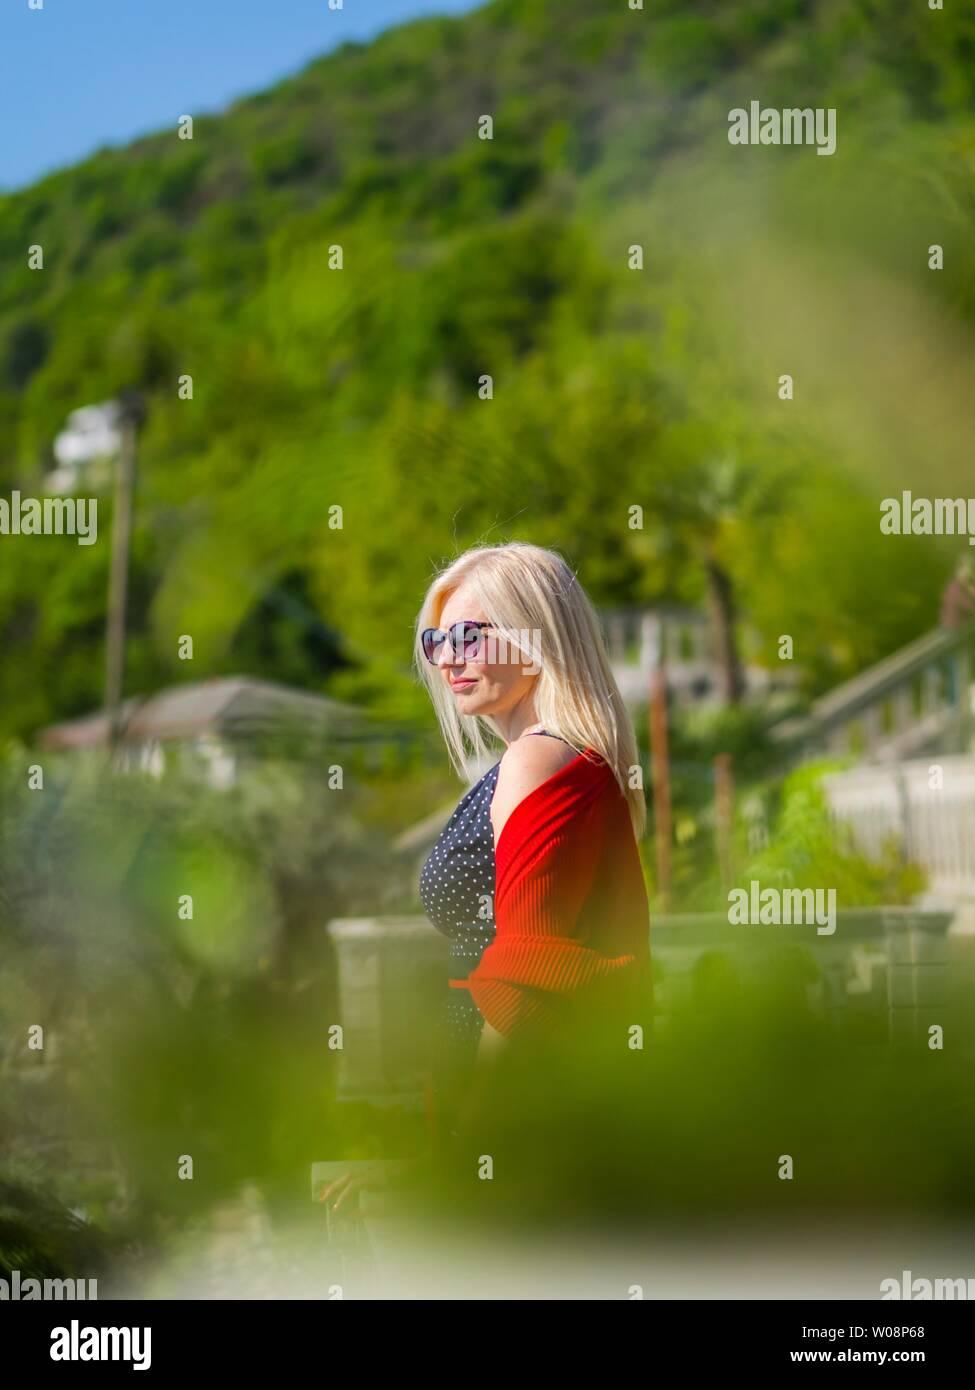 Attraktive blonde Frau in natürlicher Umgebung Mitte Tag Sonne Sonnenlicht schweren Weg schauen Stockbild